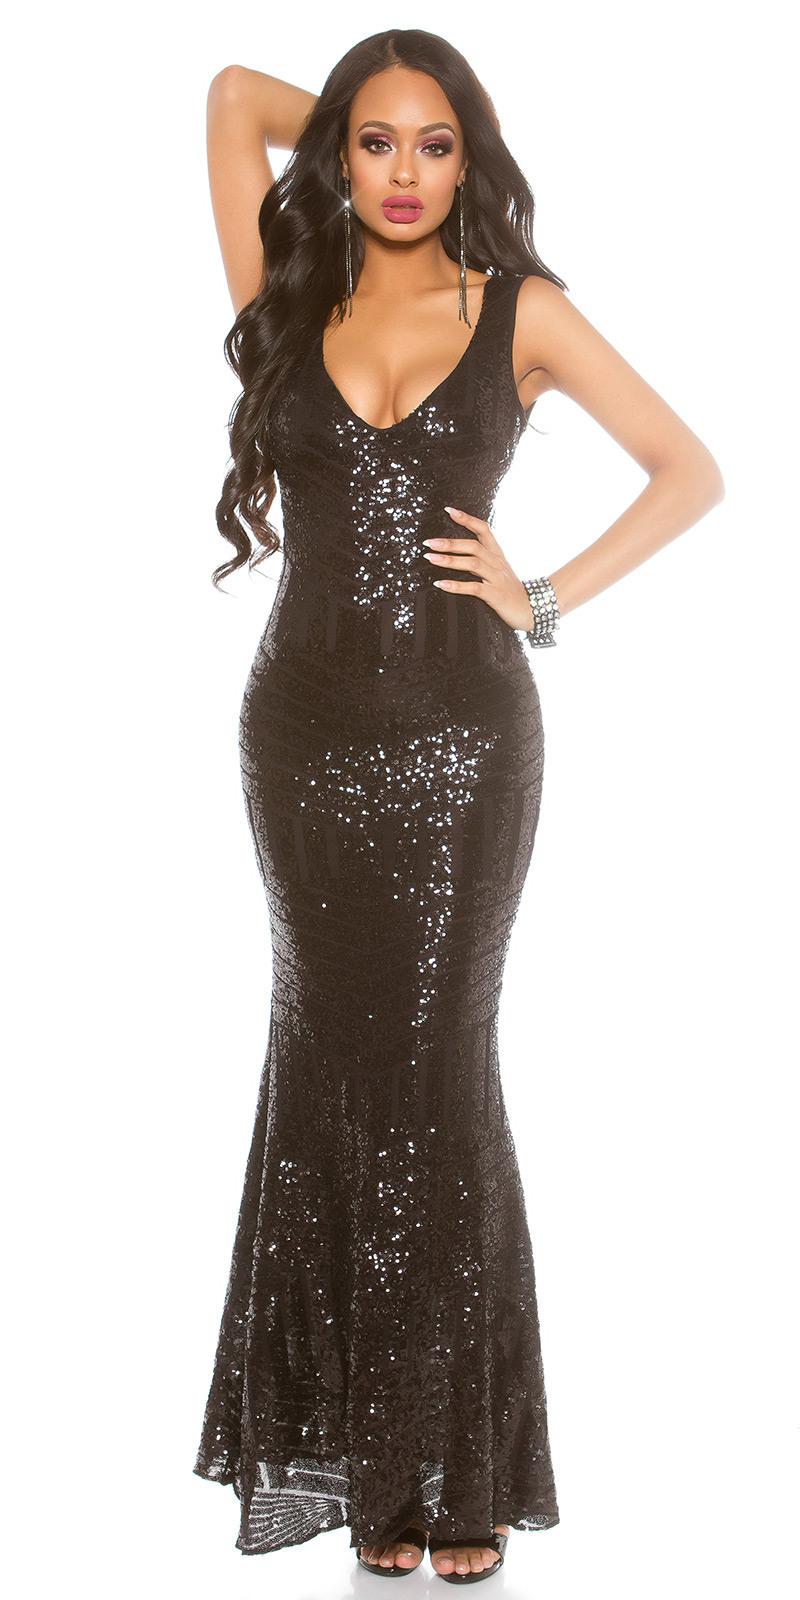 Abend Genial Schönes Abend Kleid Vertrieb13 Top Schönes Abend Kleid Design